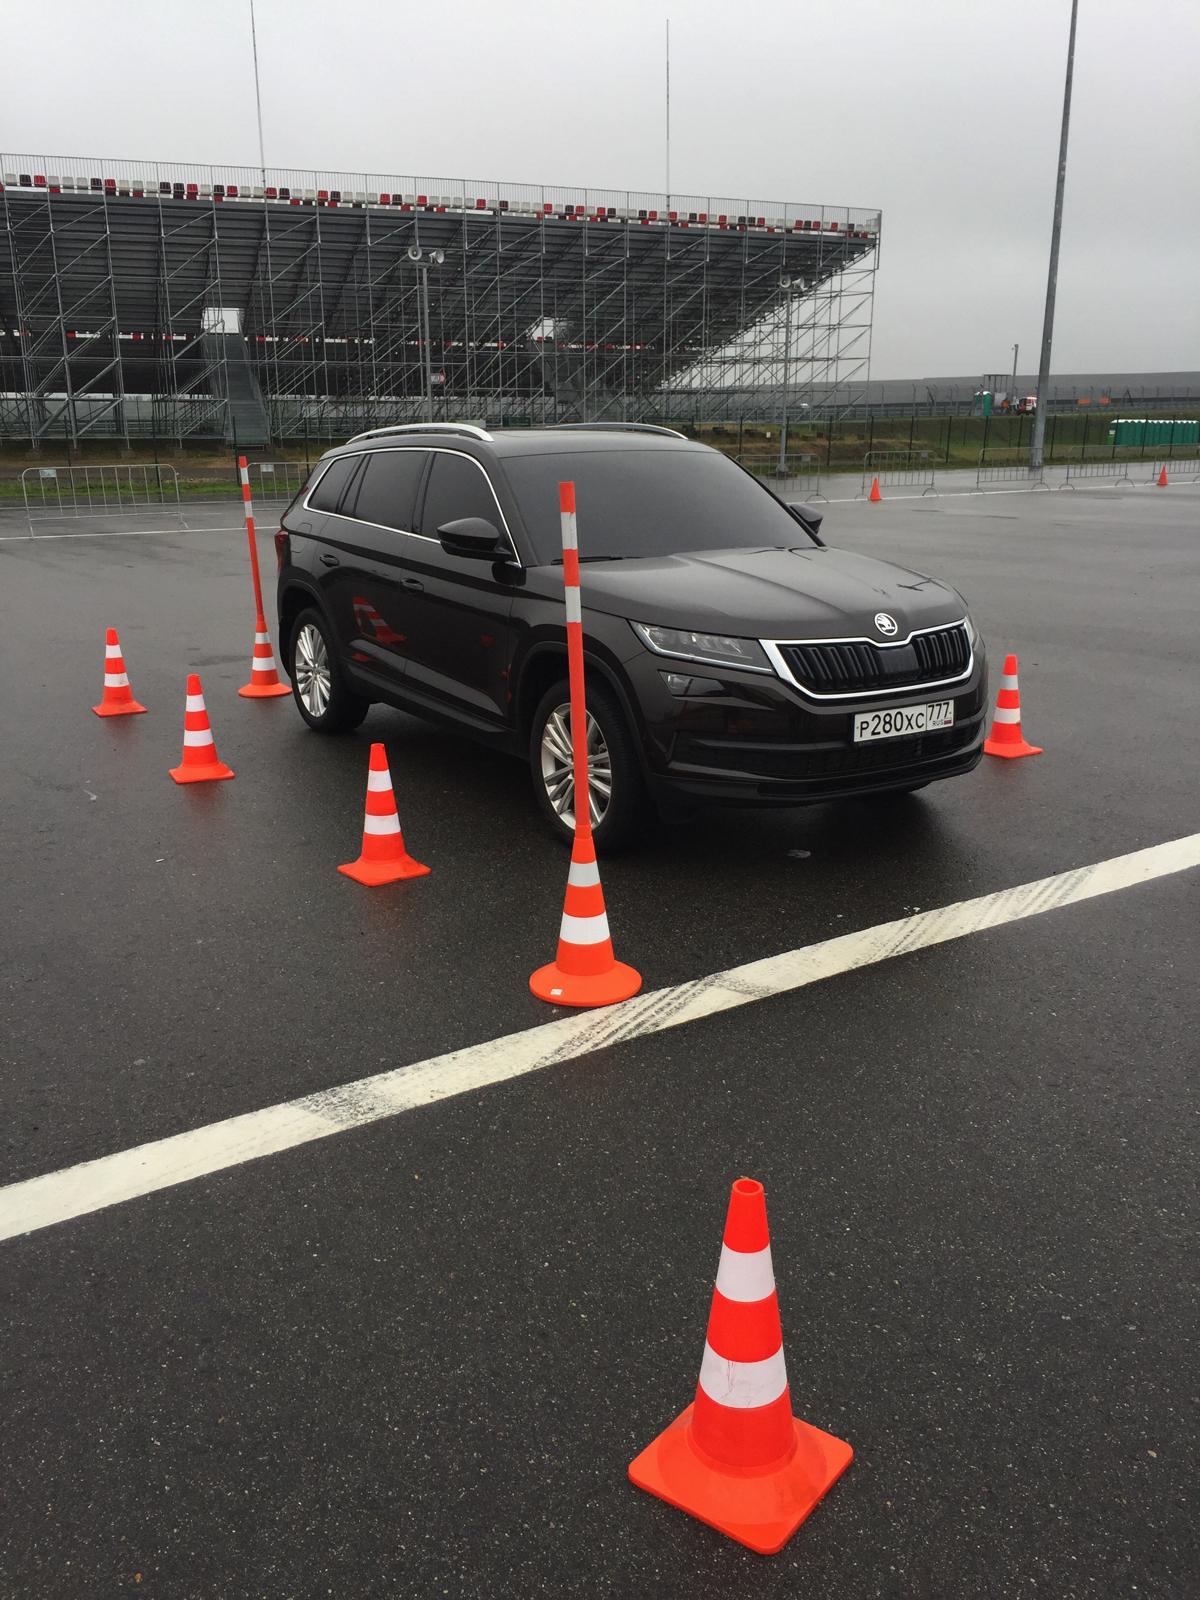 Подготовка демонстрации работы системы кругового обзора автомобиля Skoda - Area View